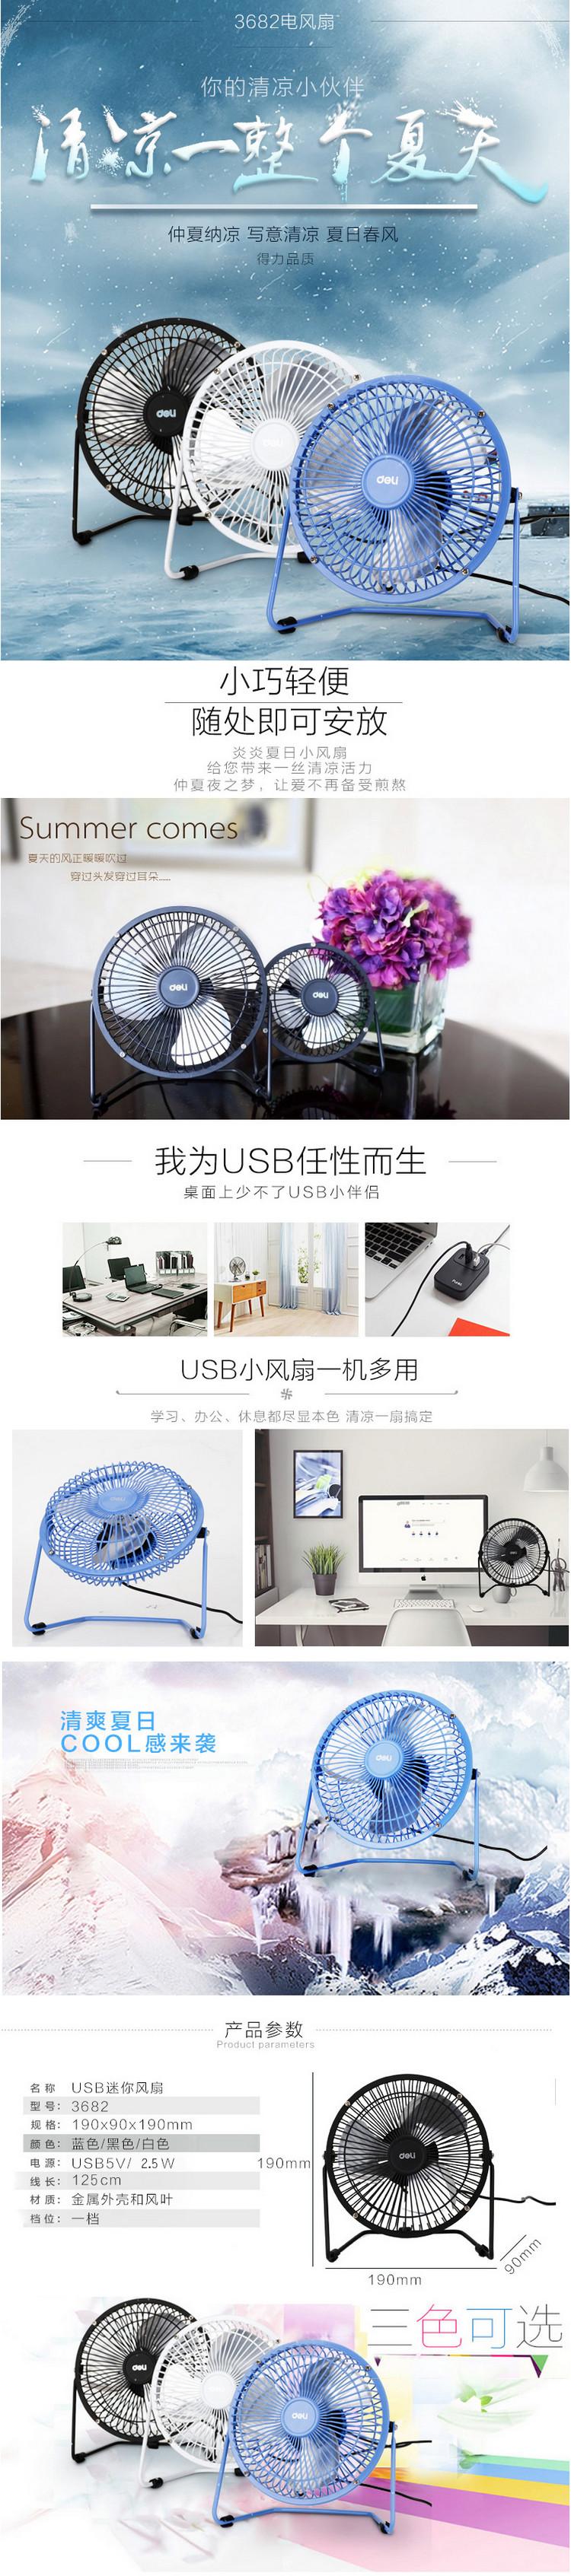 3682 6寸 usb小电扇电脑电风扇(混色)   您订购的产品需要安装和调试